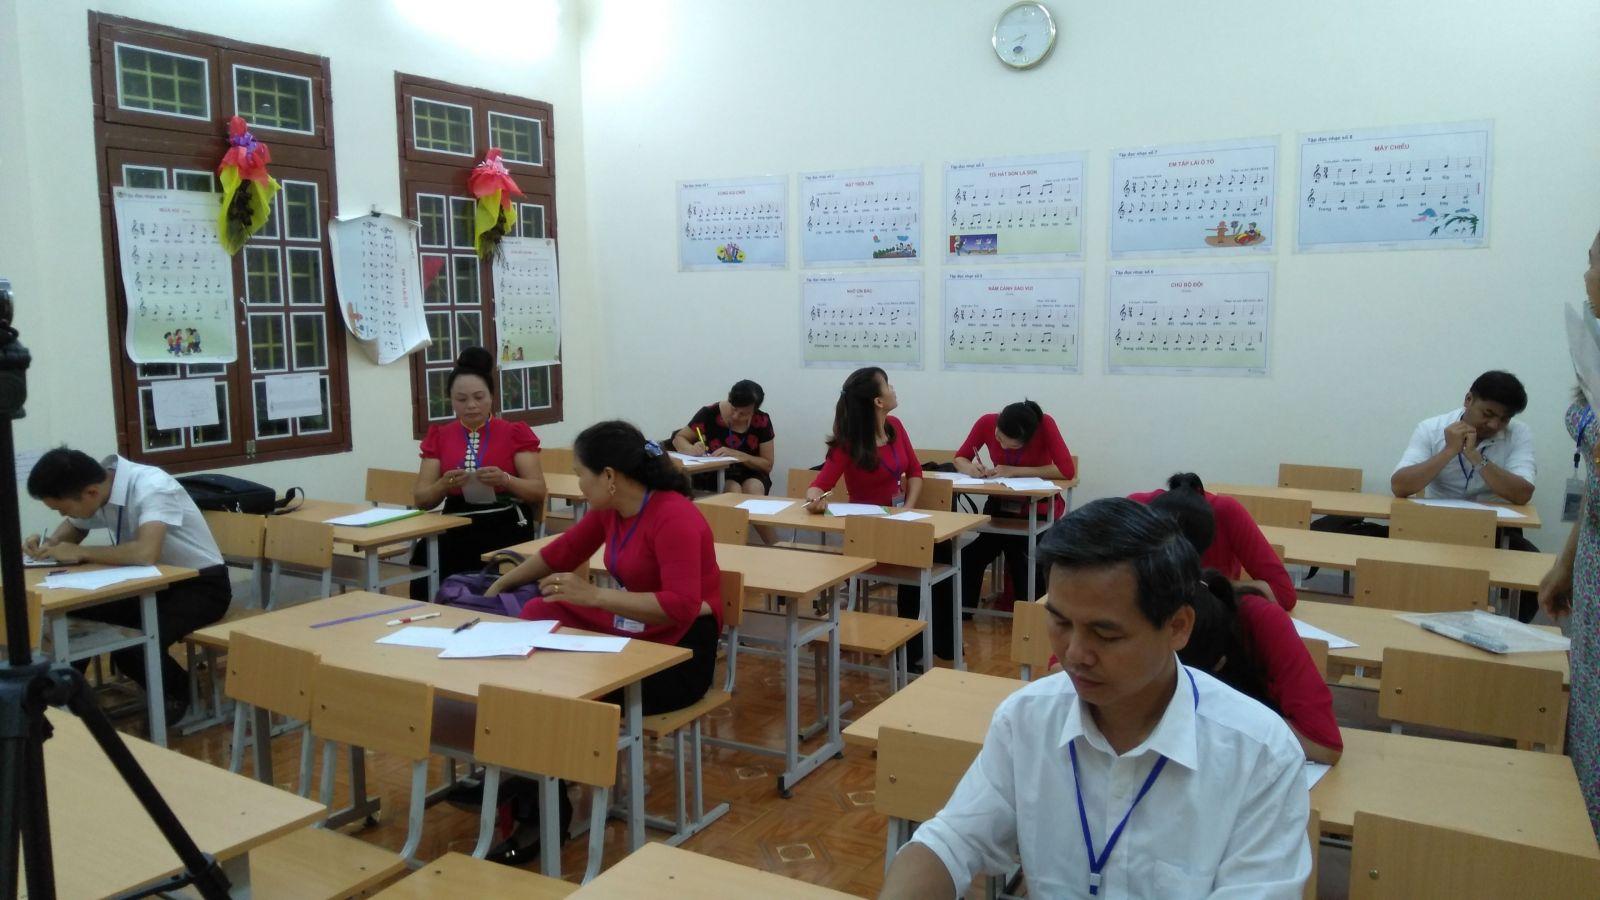 Ý tưởng tổ chức 20/11 cuộc thi dành cho giáo viên 1